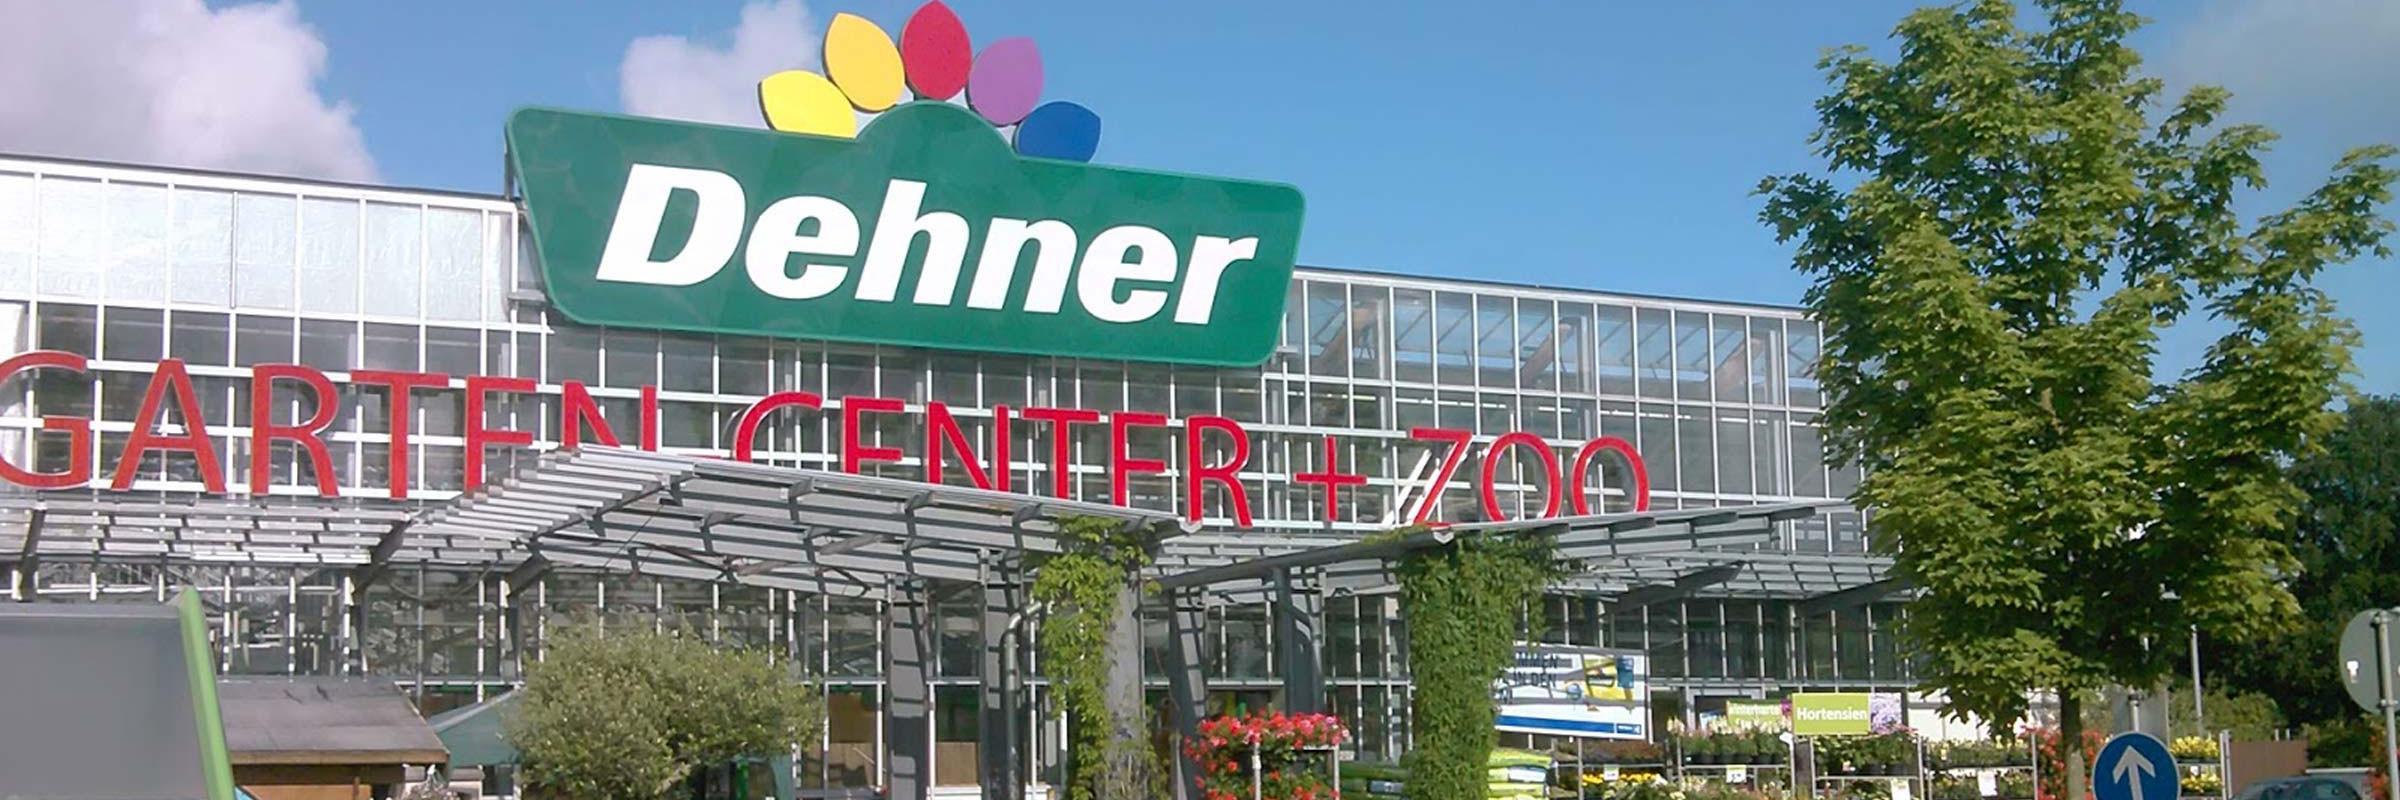 Dehner Garten Center In Bönningstedt Dehner